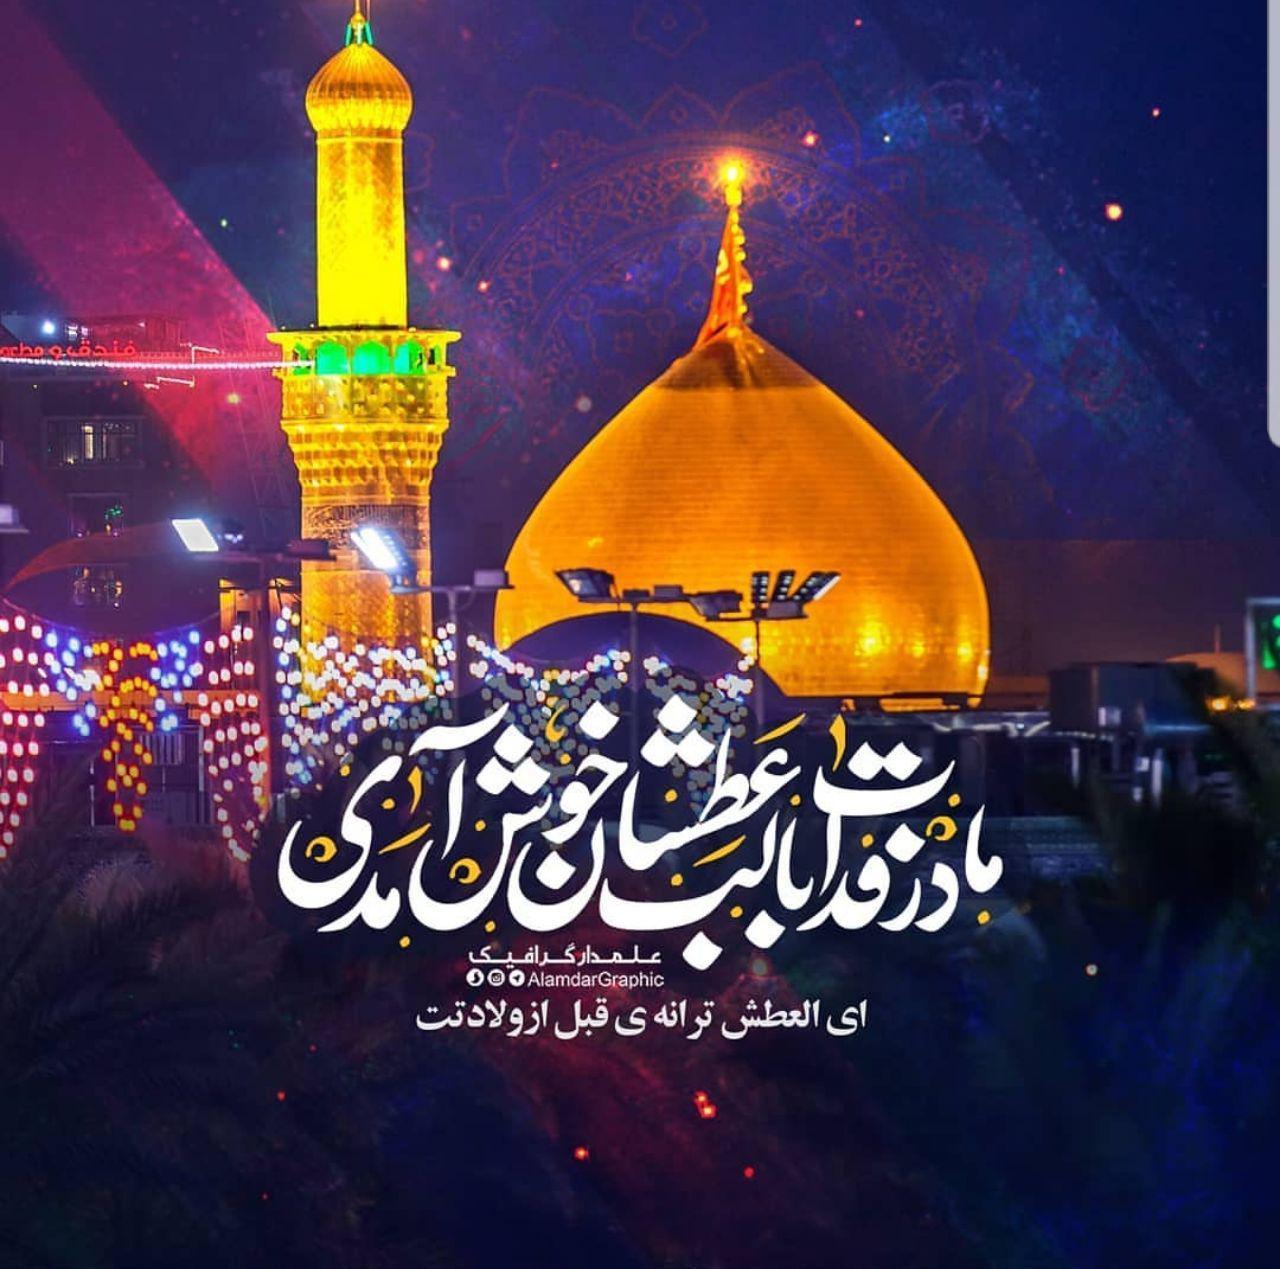 متن تبریک روز پاسدار و ولادت امام حسین (ع) + جملات و عکس نوشته های تبریک